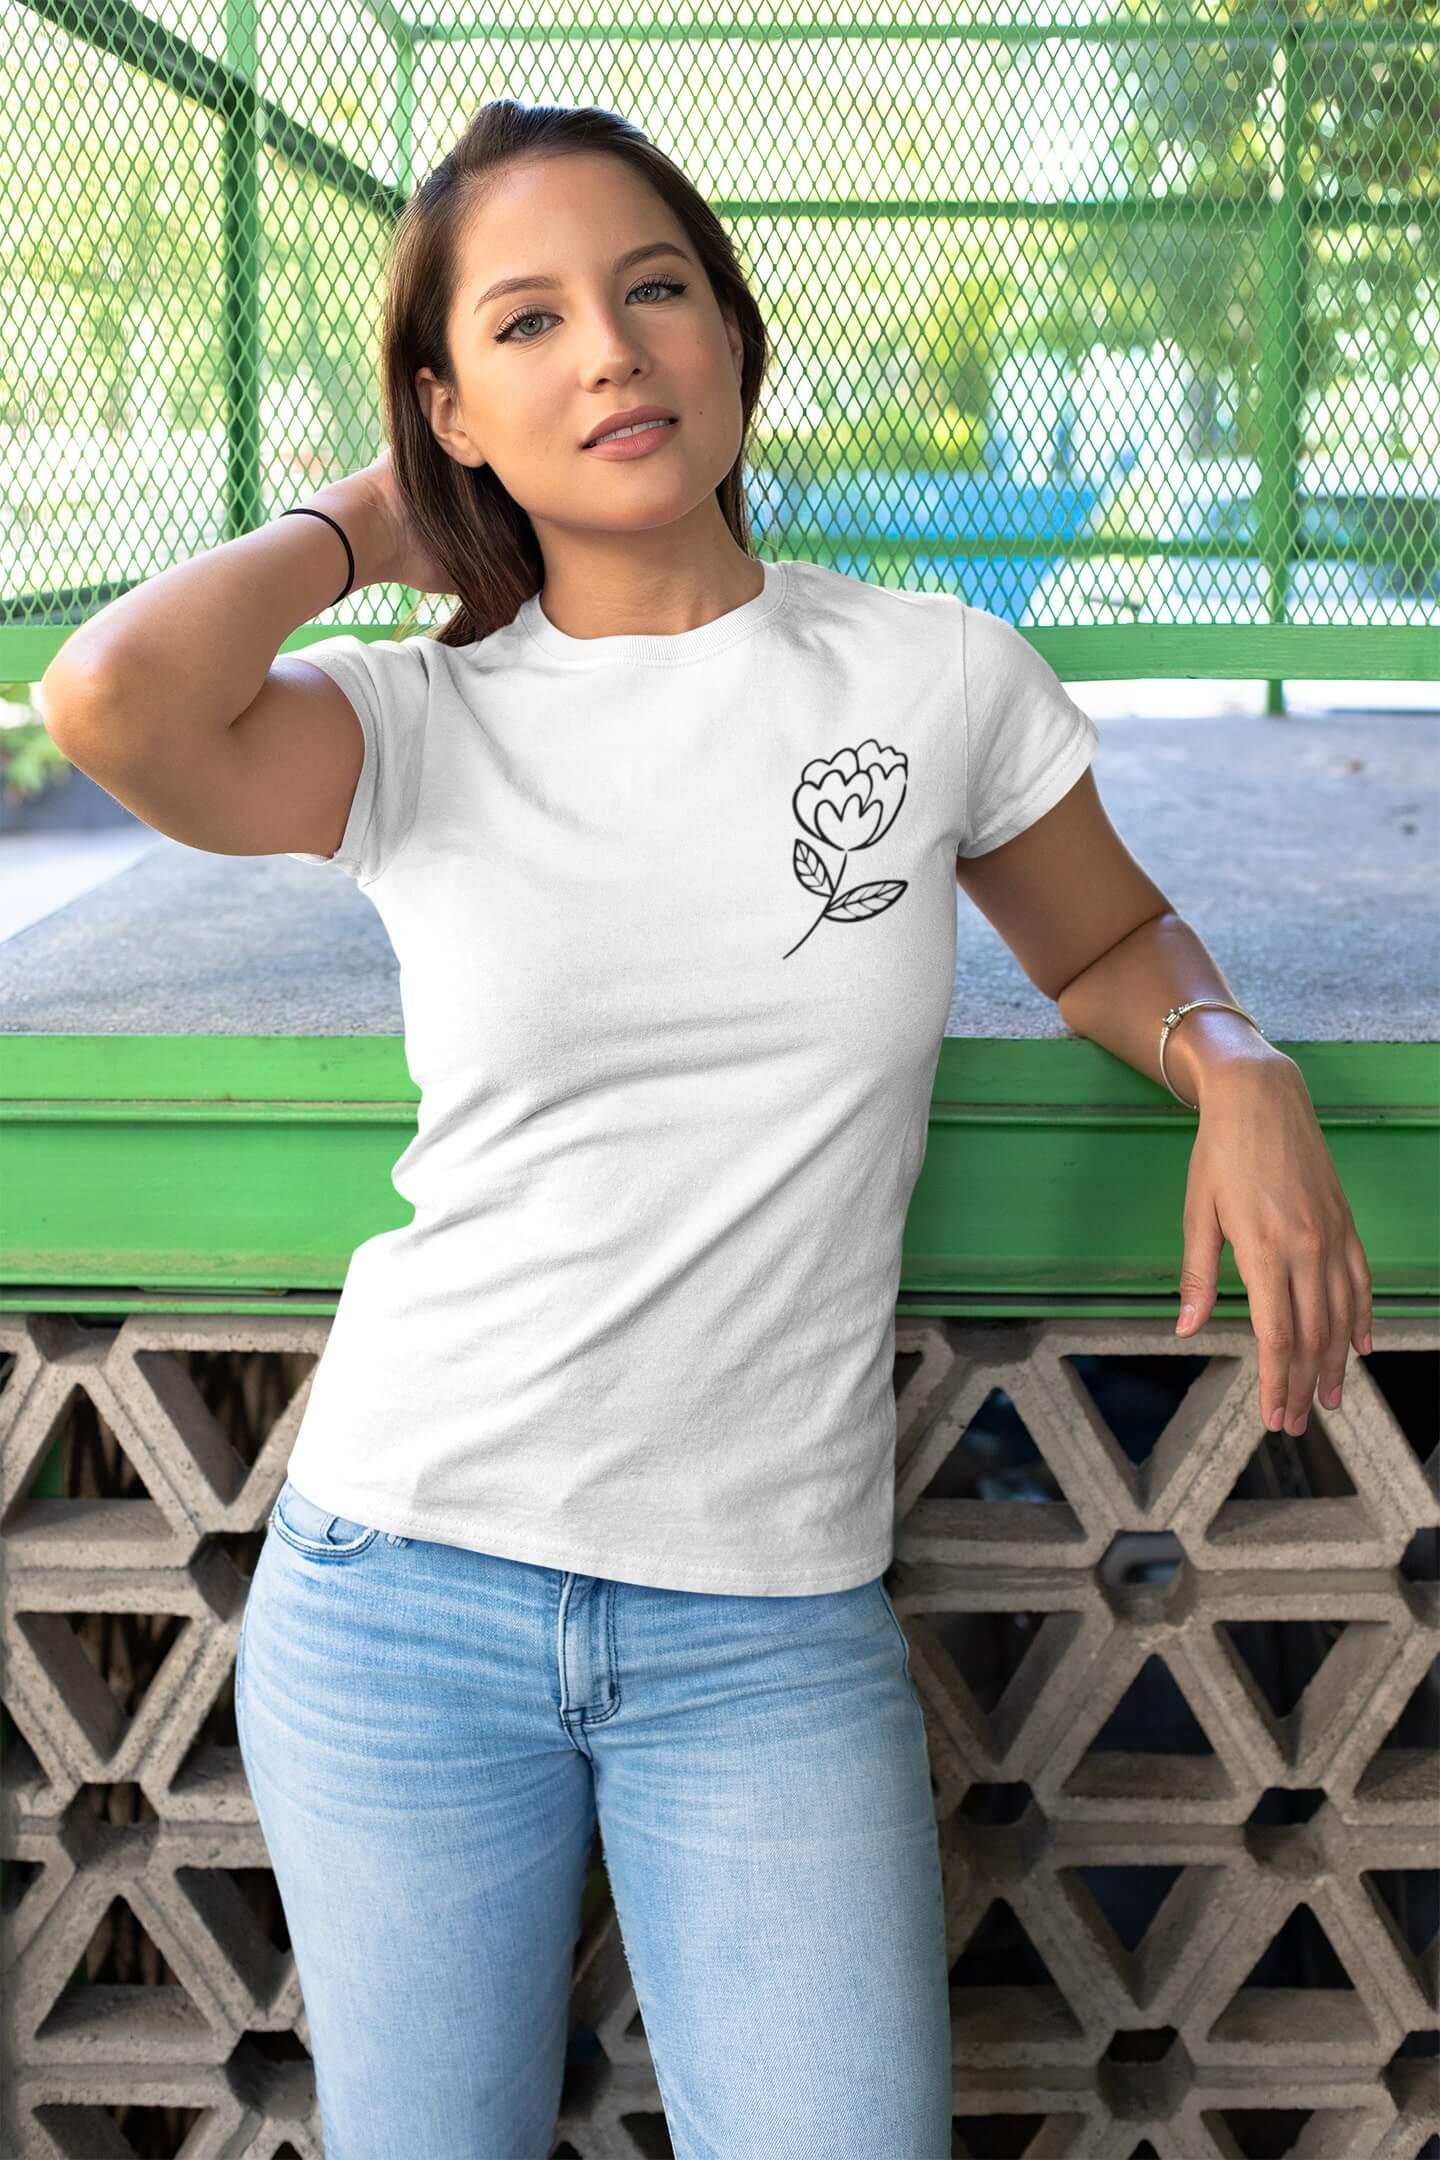 MMO Dámske tričko Kvet Vyberte farbu: Biela, Dámska veľkosť: S